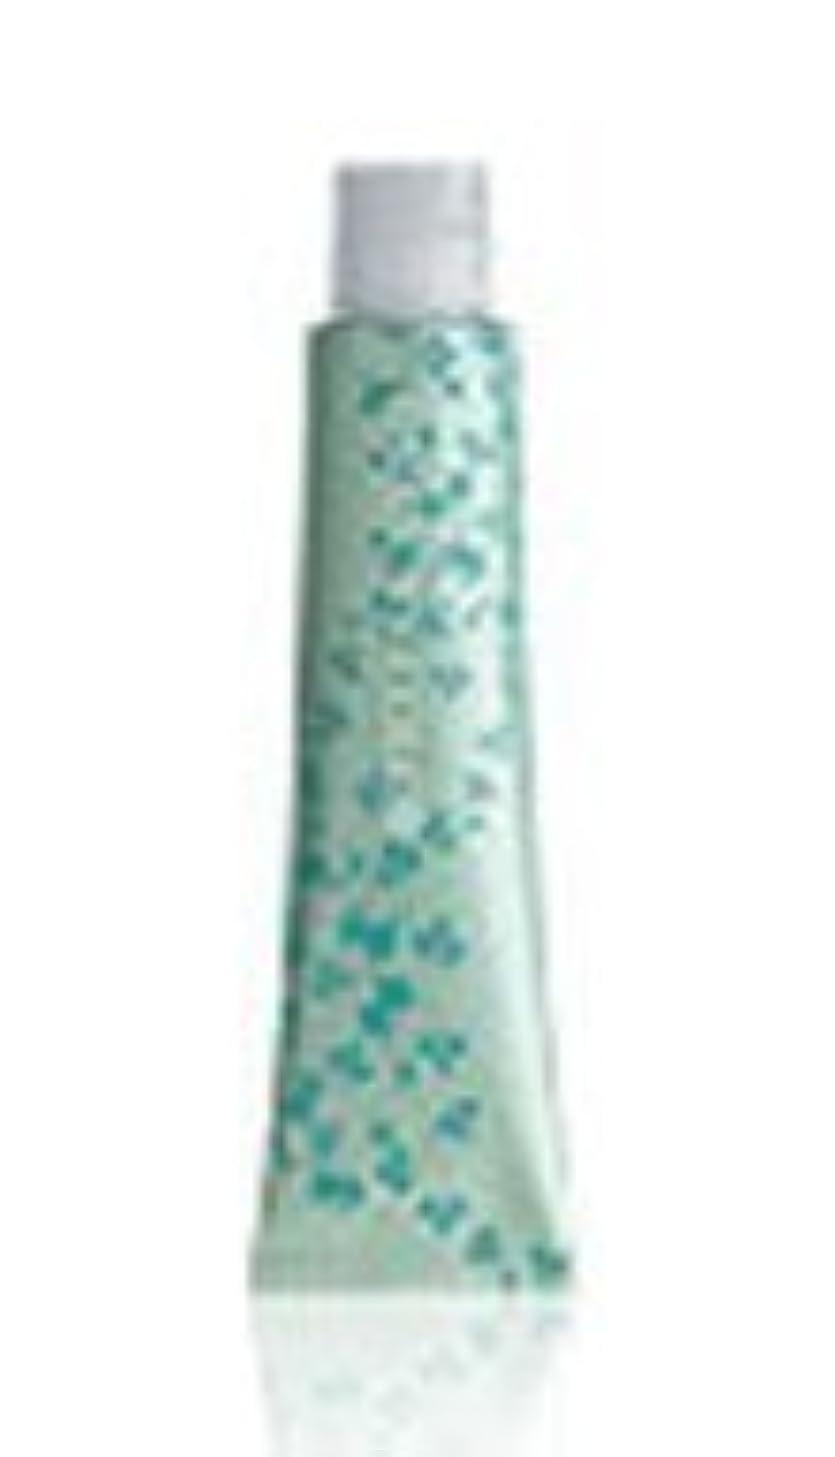 グラス彫刻補充ナプラ グレイシスカラー GN8 80g